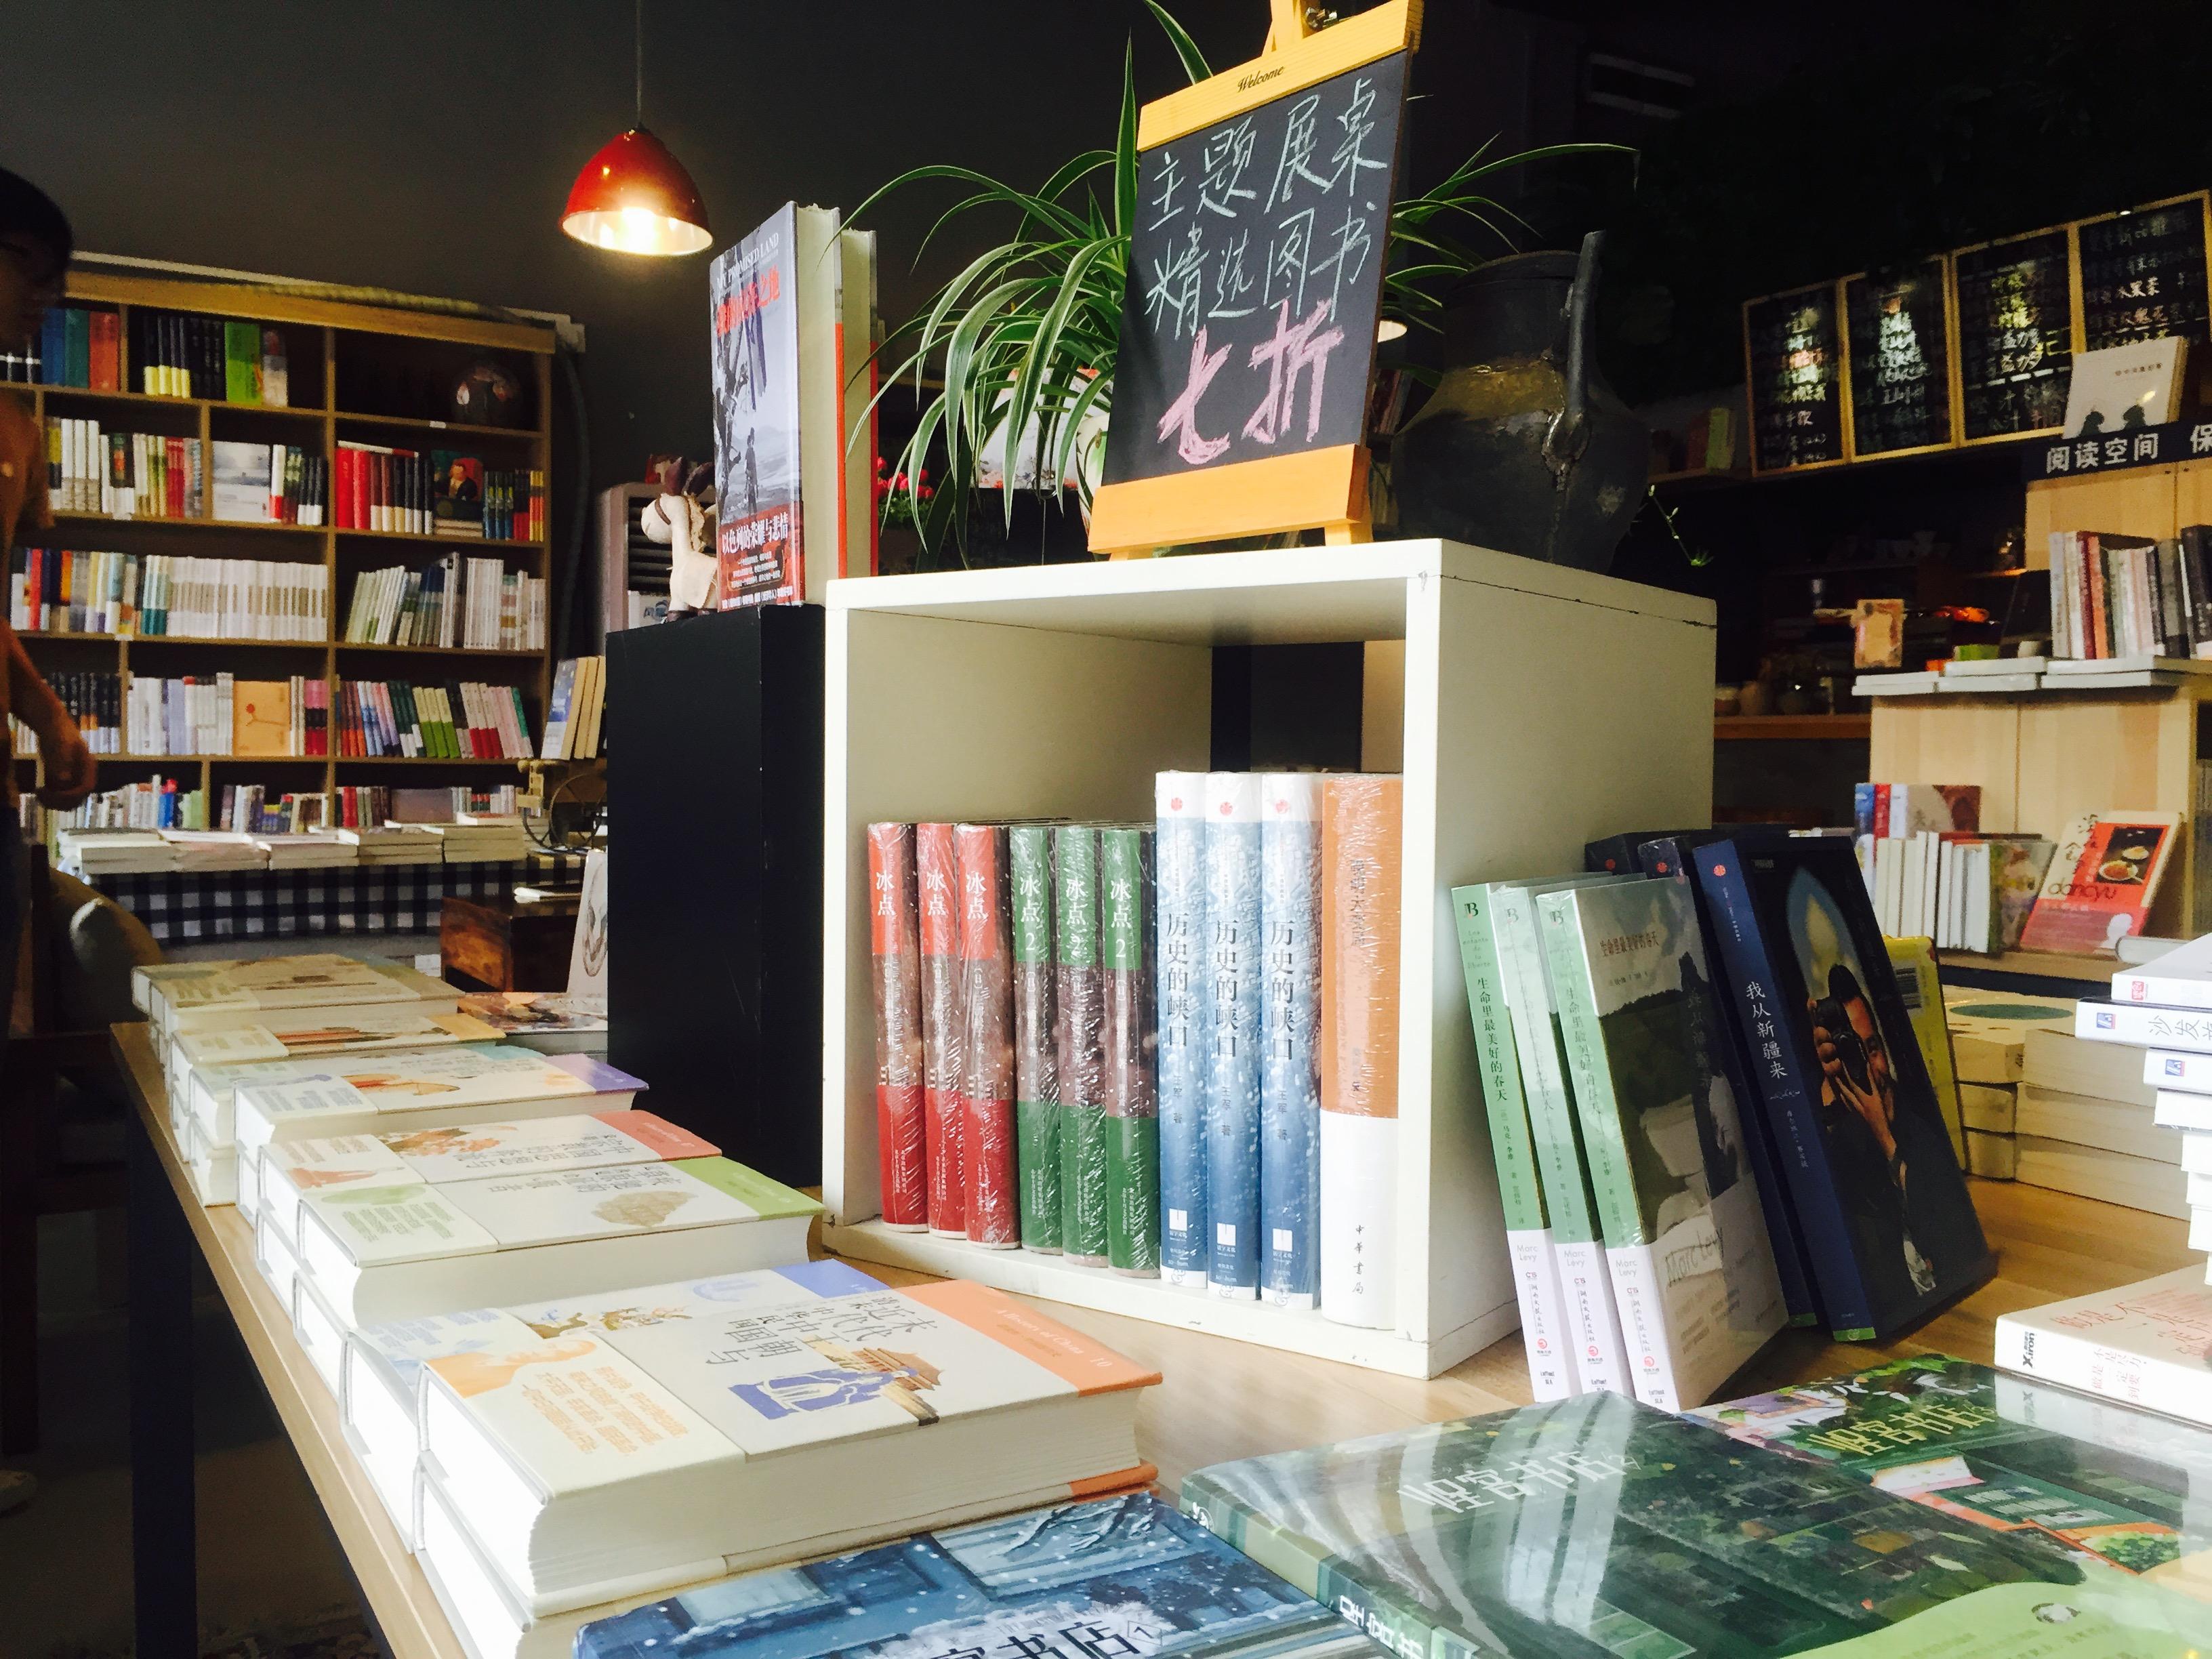 里书店_最初的灵感源是书店里的拿铁跟每一本书